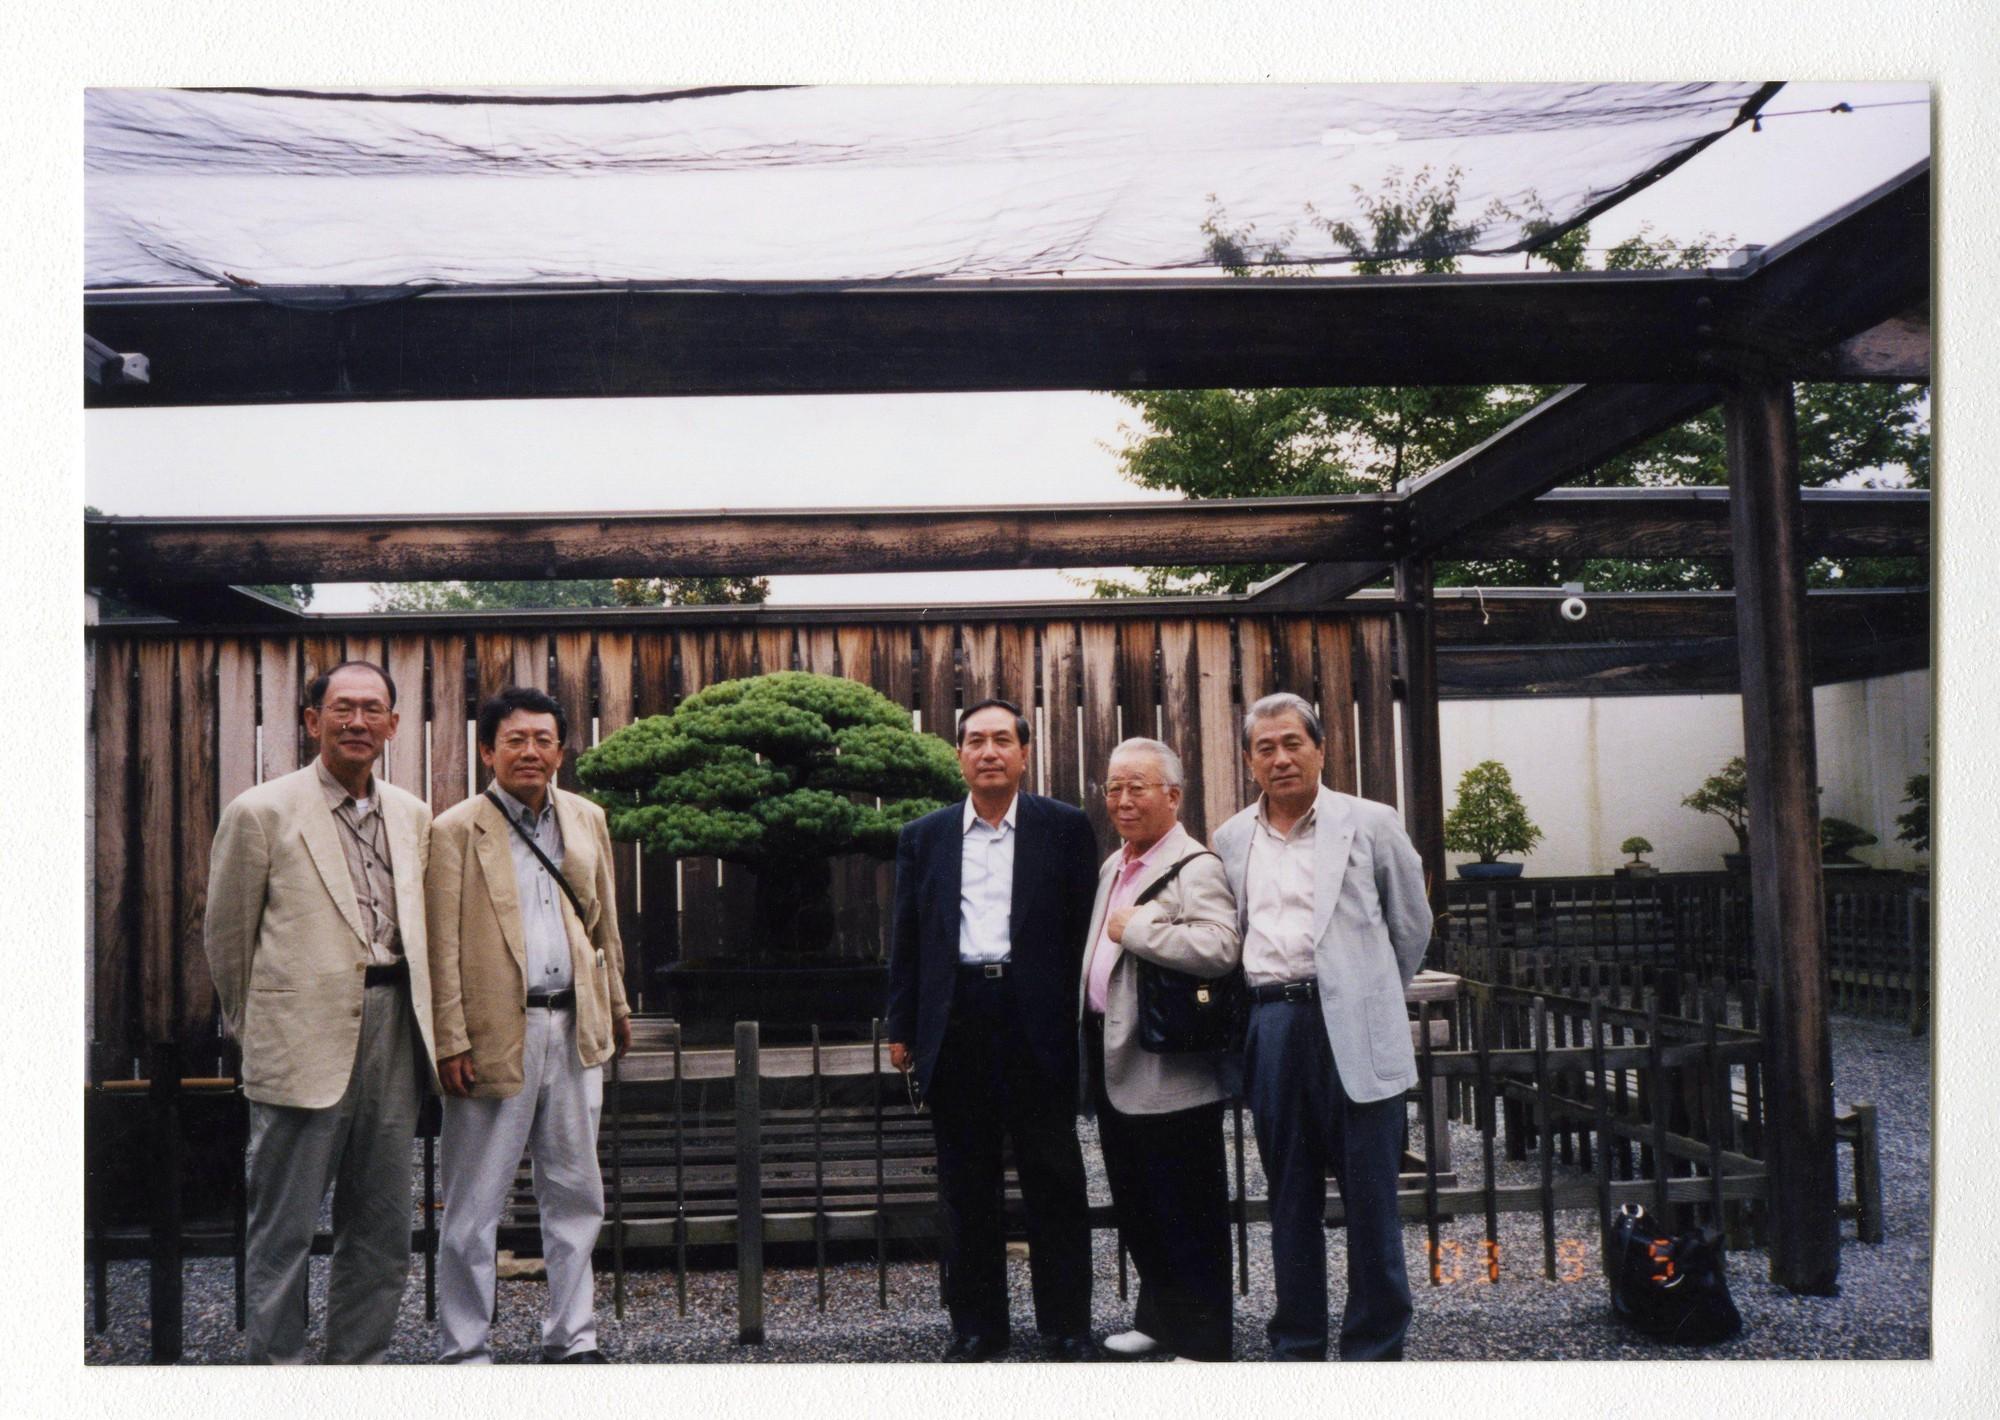 Cây bonsai Nhật Bản 400 tuổi: Nhân chứng lịch sử thảm họa Hiroshima với sức sống mãnh liệt, bom nguyên tử cũng không thể quật ngã - Ảnh 9.